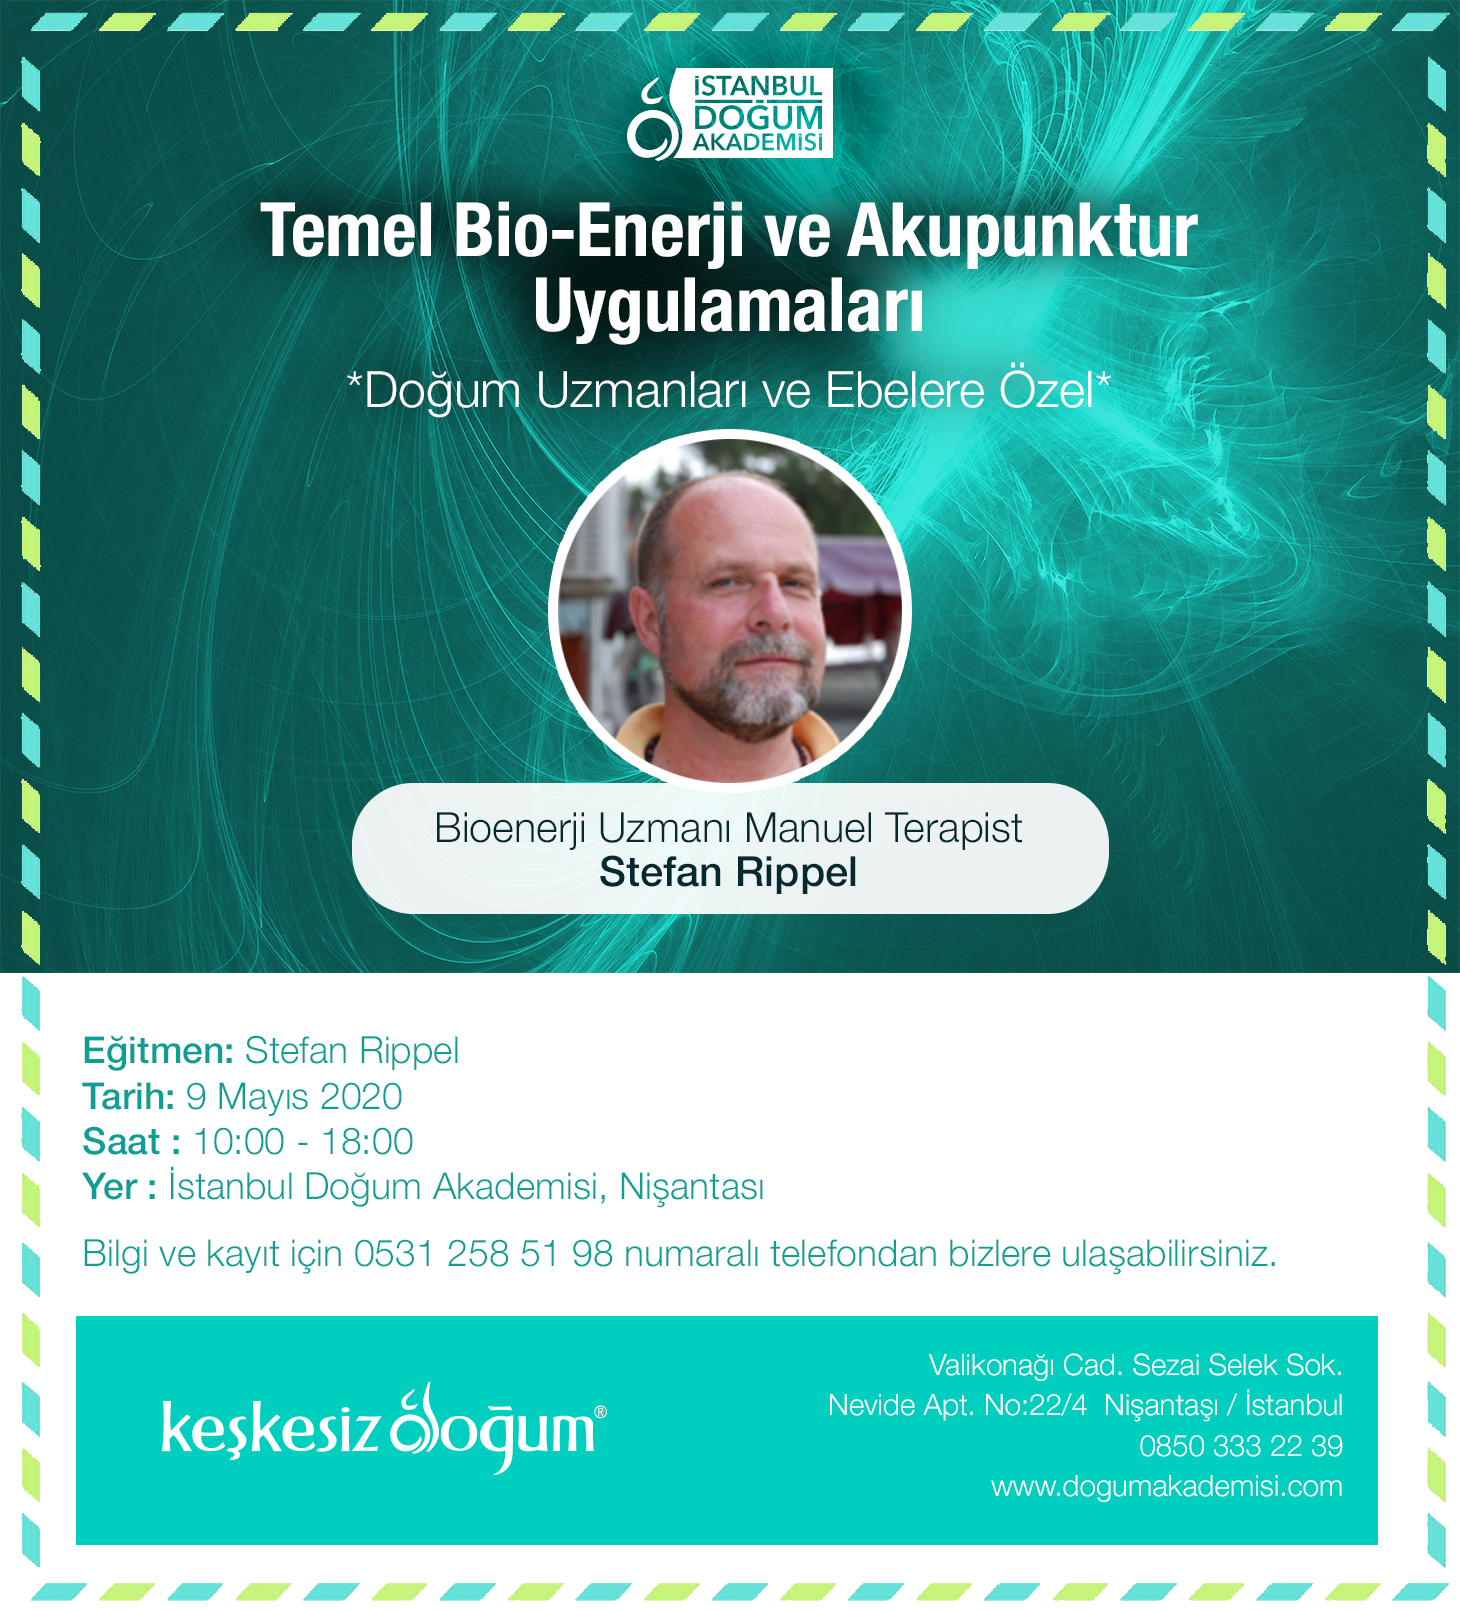 Temel Bio-Enerji Uygulamaları ve Kulak Akupunkturu